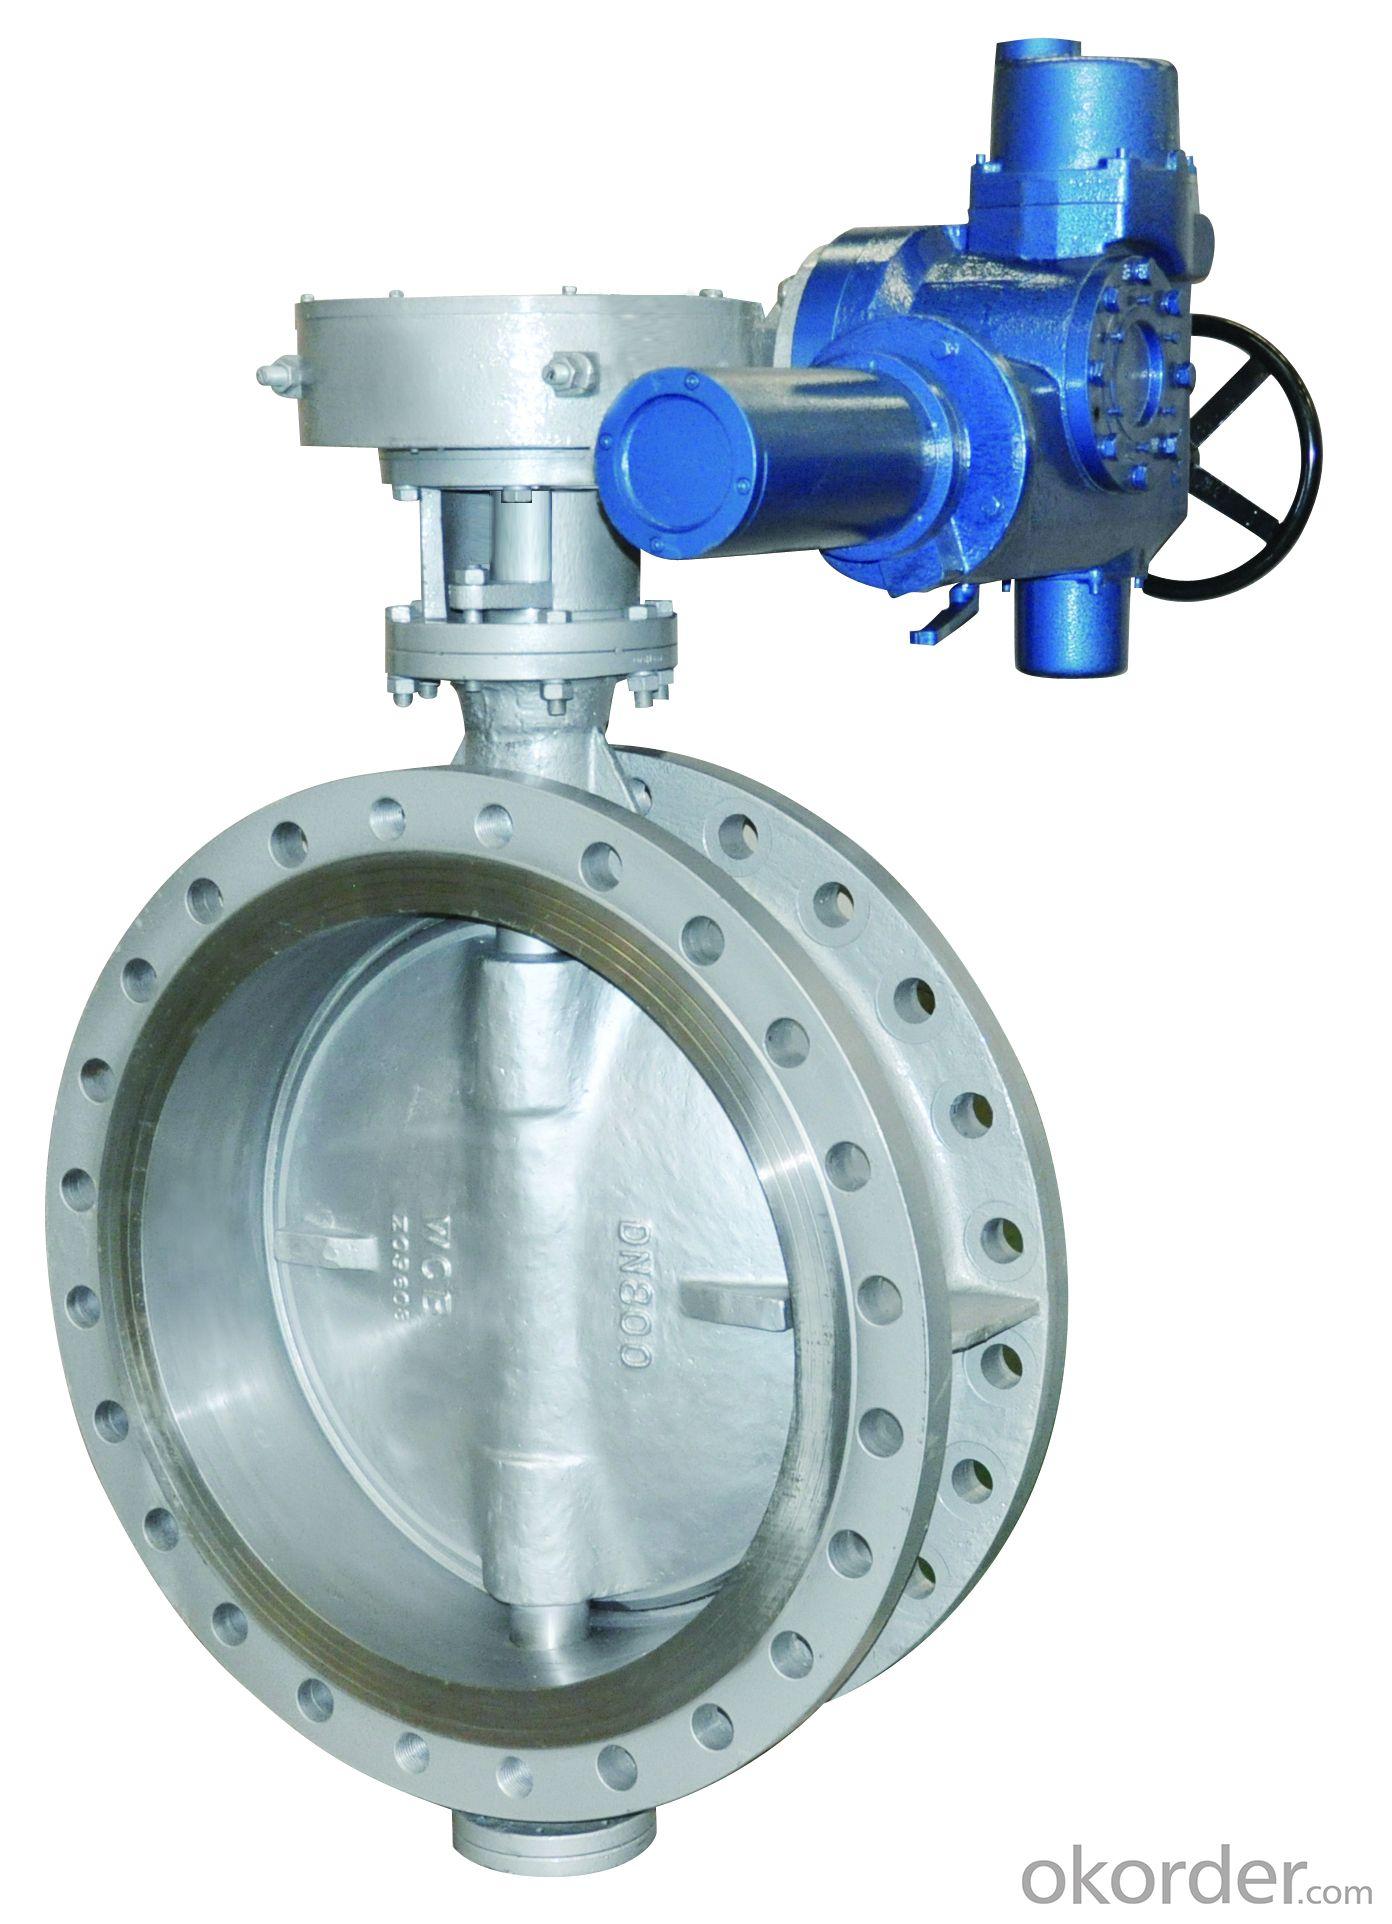 valve of china7900